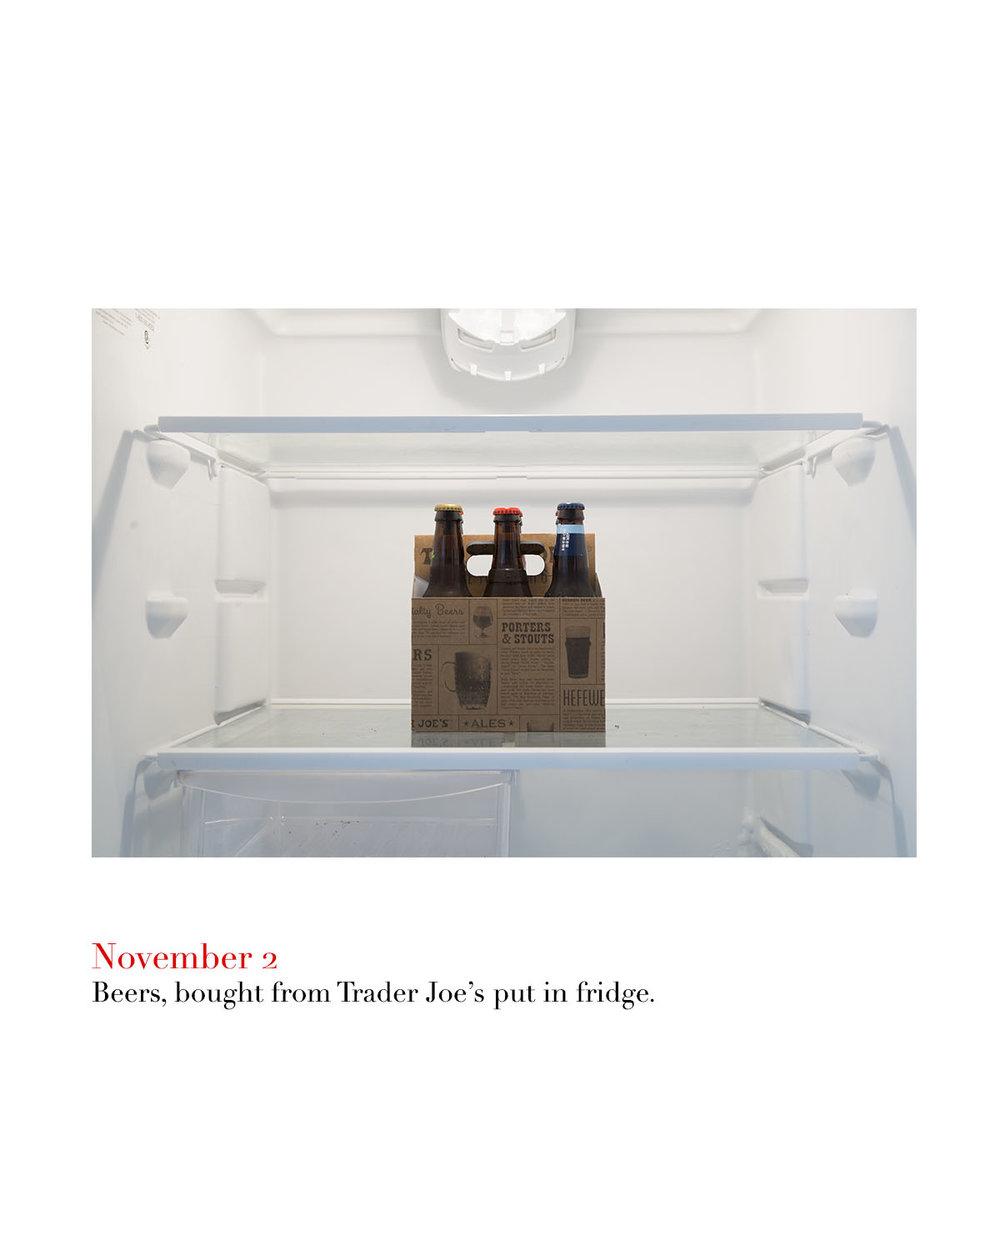 Nov 2 beer1 copy.jpg